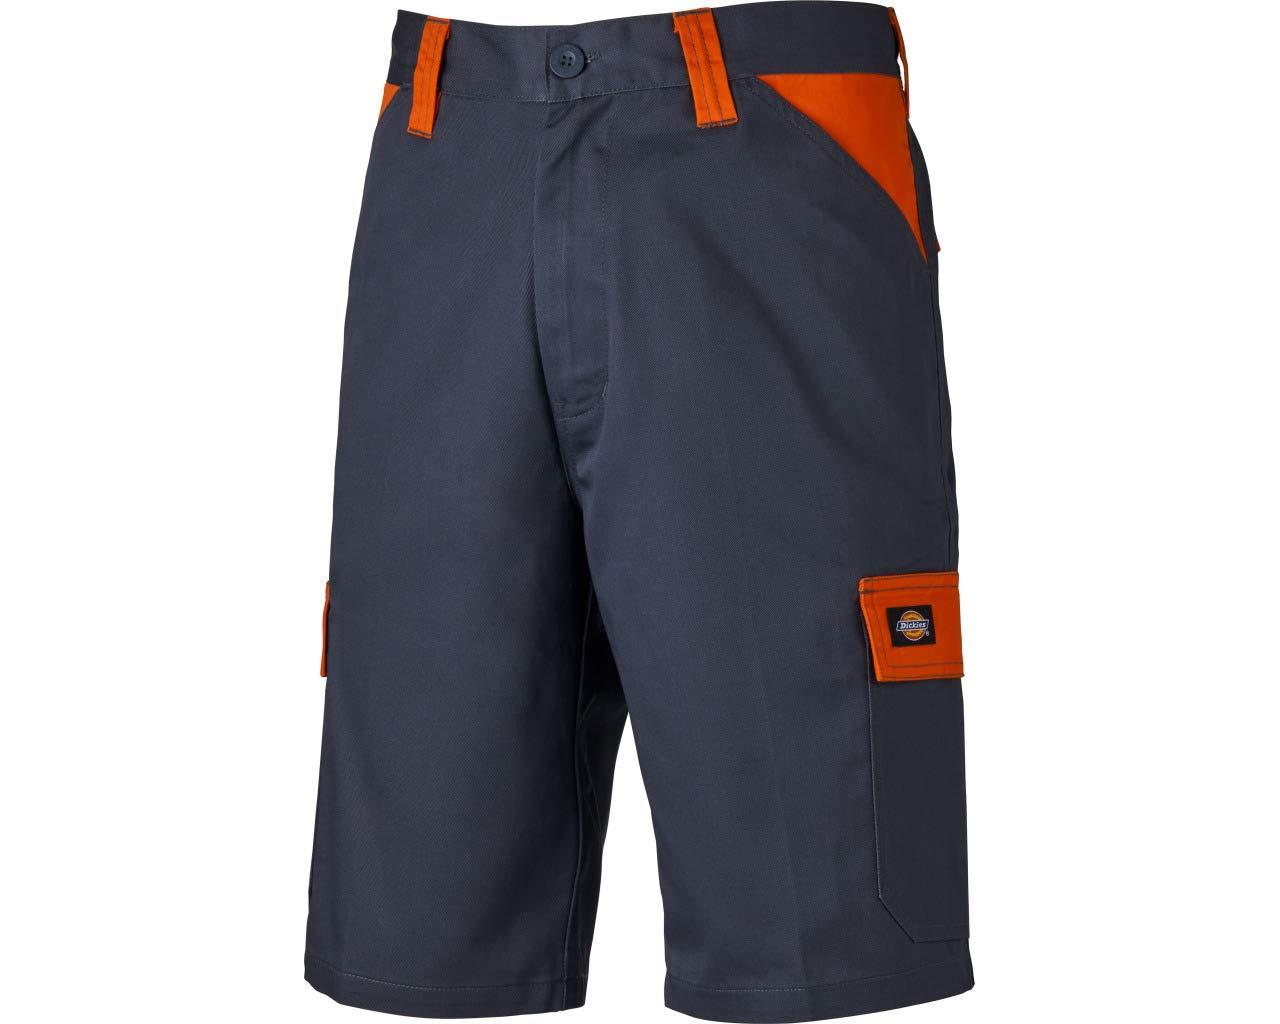 'Dickies Pantalones Cortos'Everyday, tamañ o 30, color caqui/negro, 1 pieza, ed24/7sh KHB 46 tamaño 30 1pieza